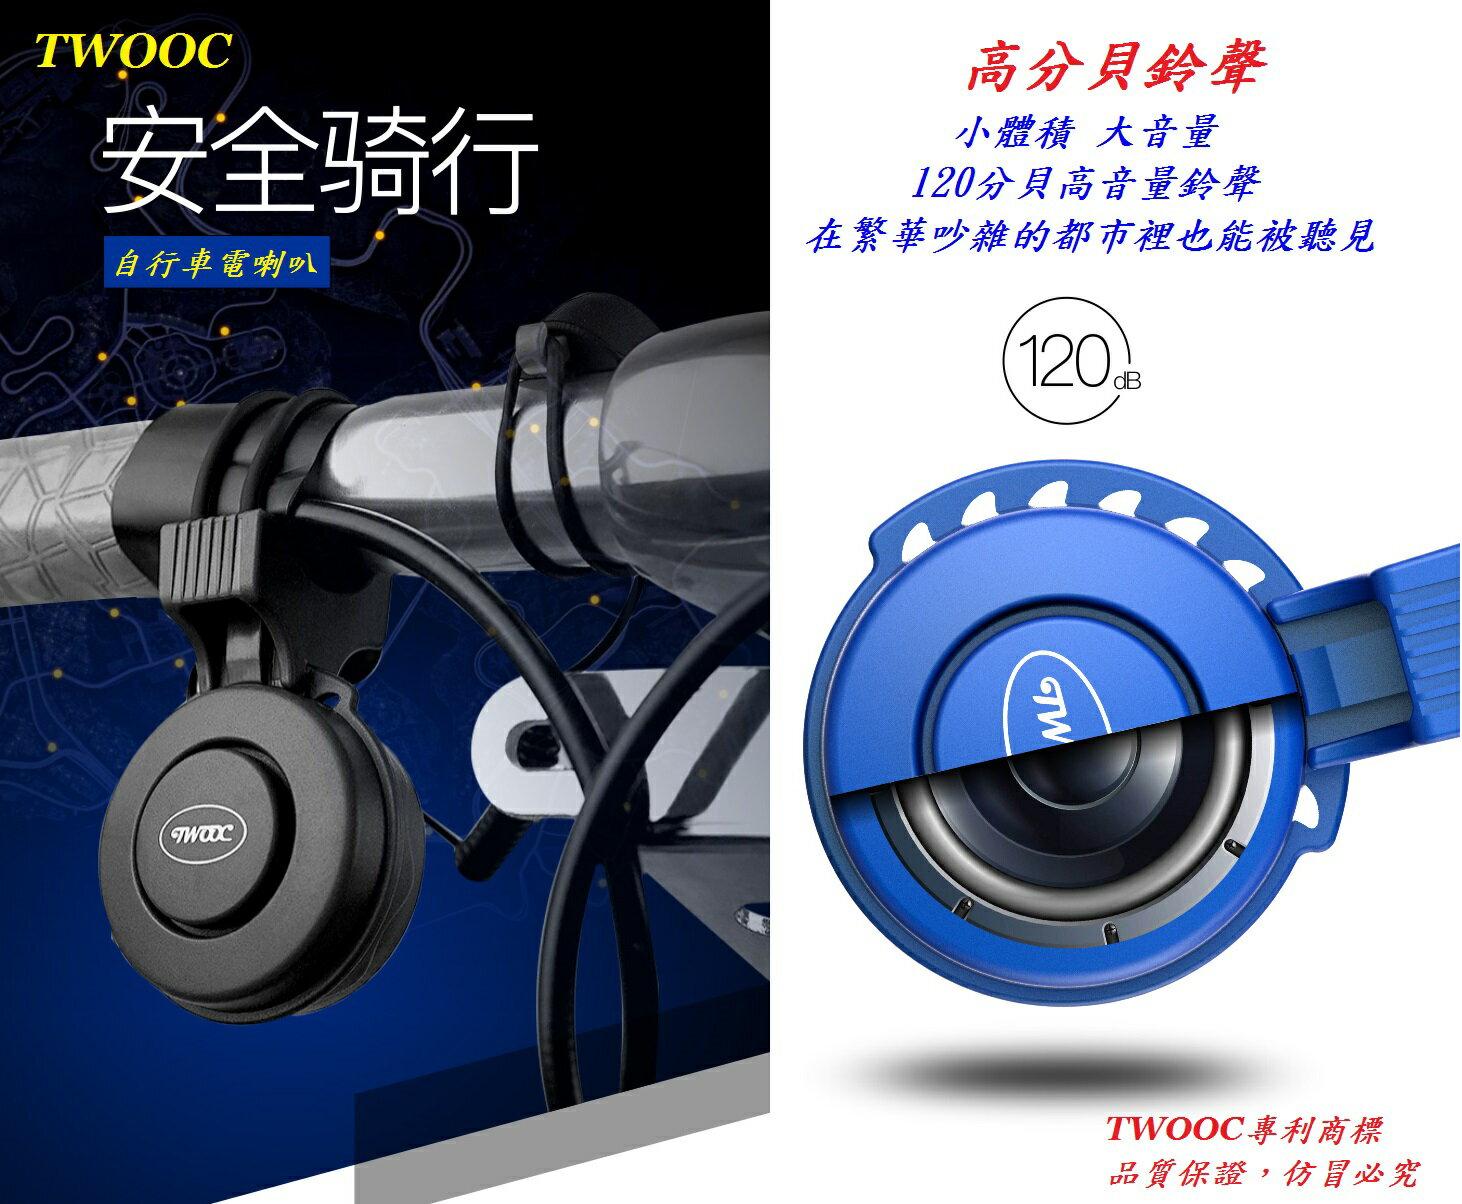 《意生》電喇叭【USB充電】TWOOC 自行車電子鈴鐺 電鈴鐺 車鈴 警報聲 喇叭 警示鈴 單車電子喇叭 腳踏車電喇叭 0